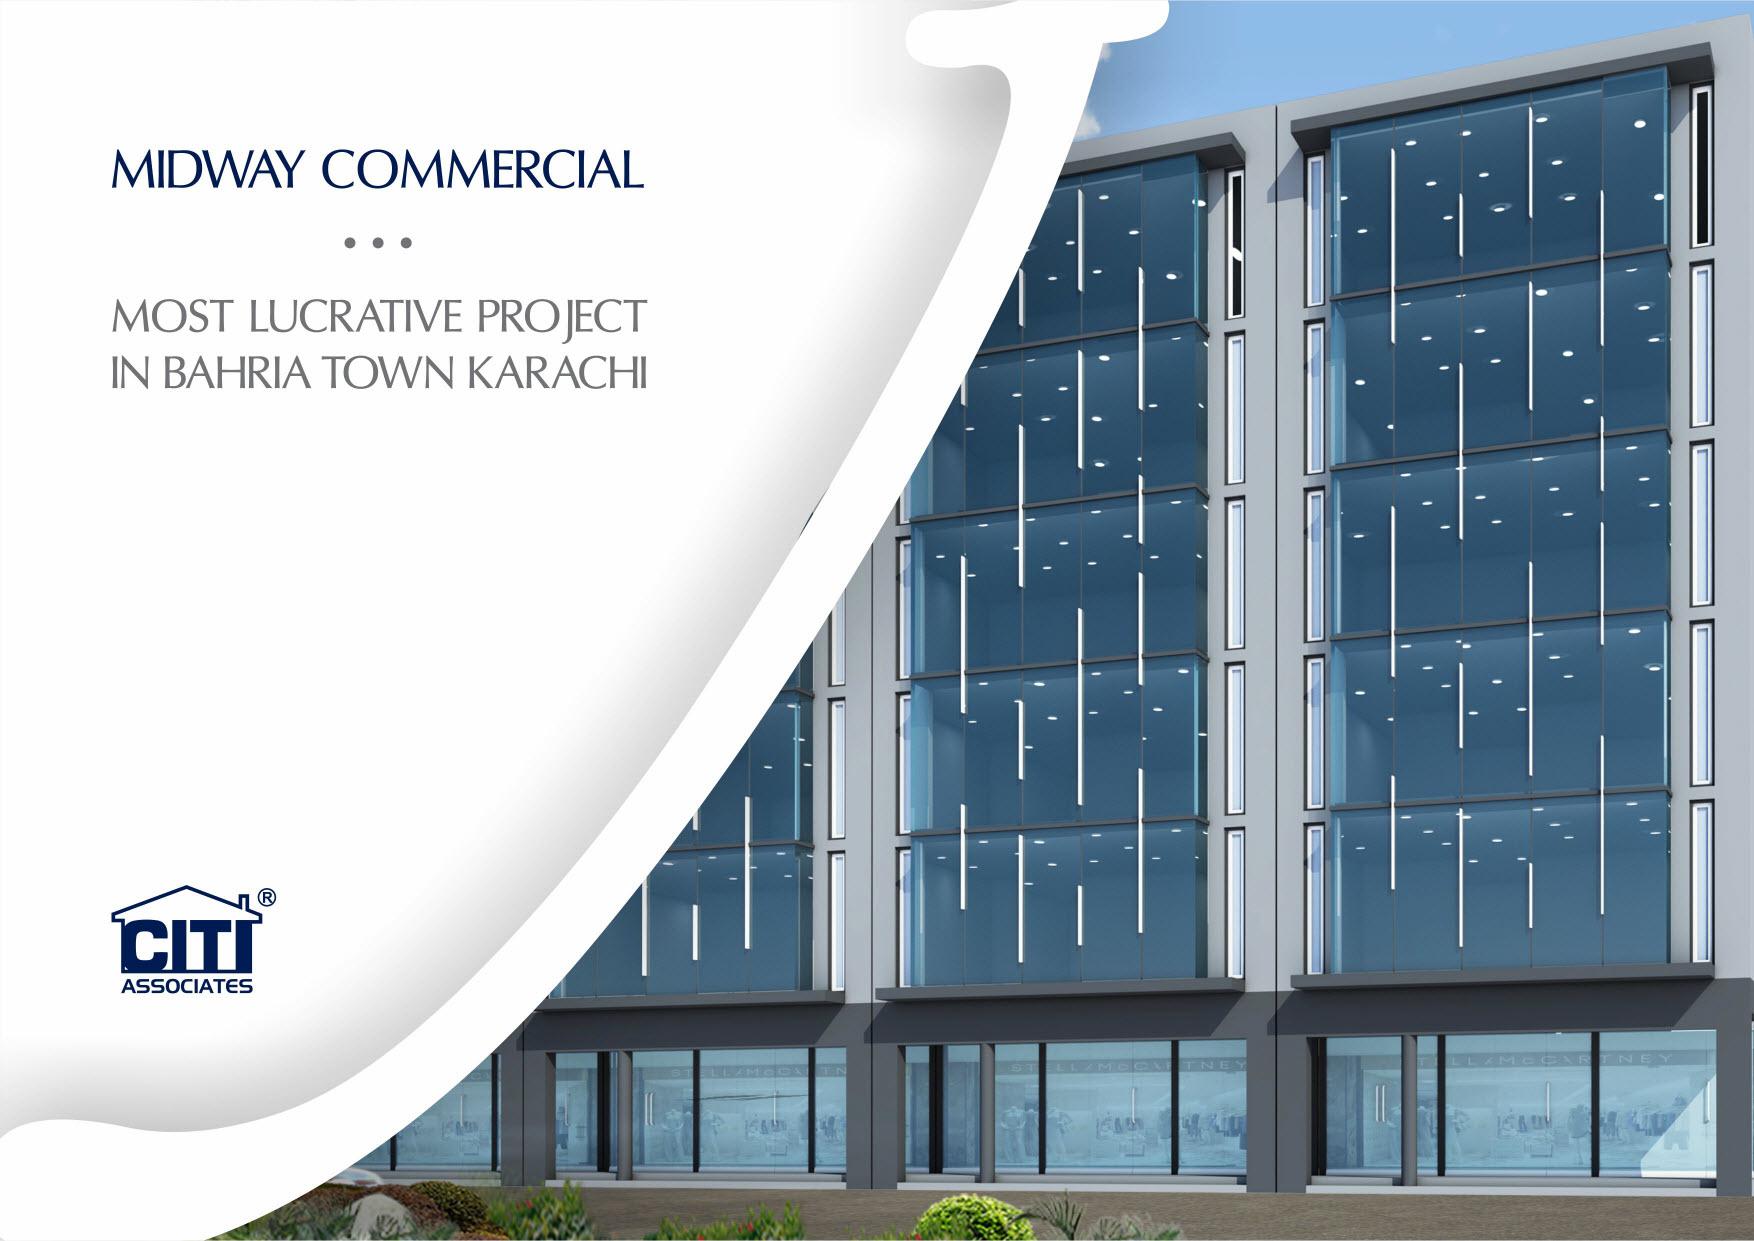 Jakvani Midway Tower Commercial Bahria Town Karachi (2)